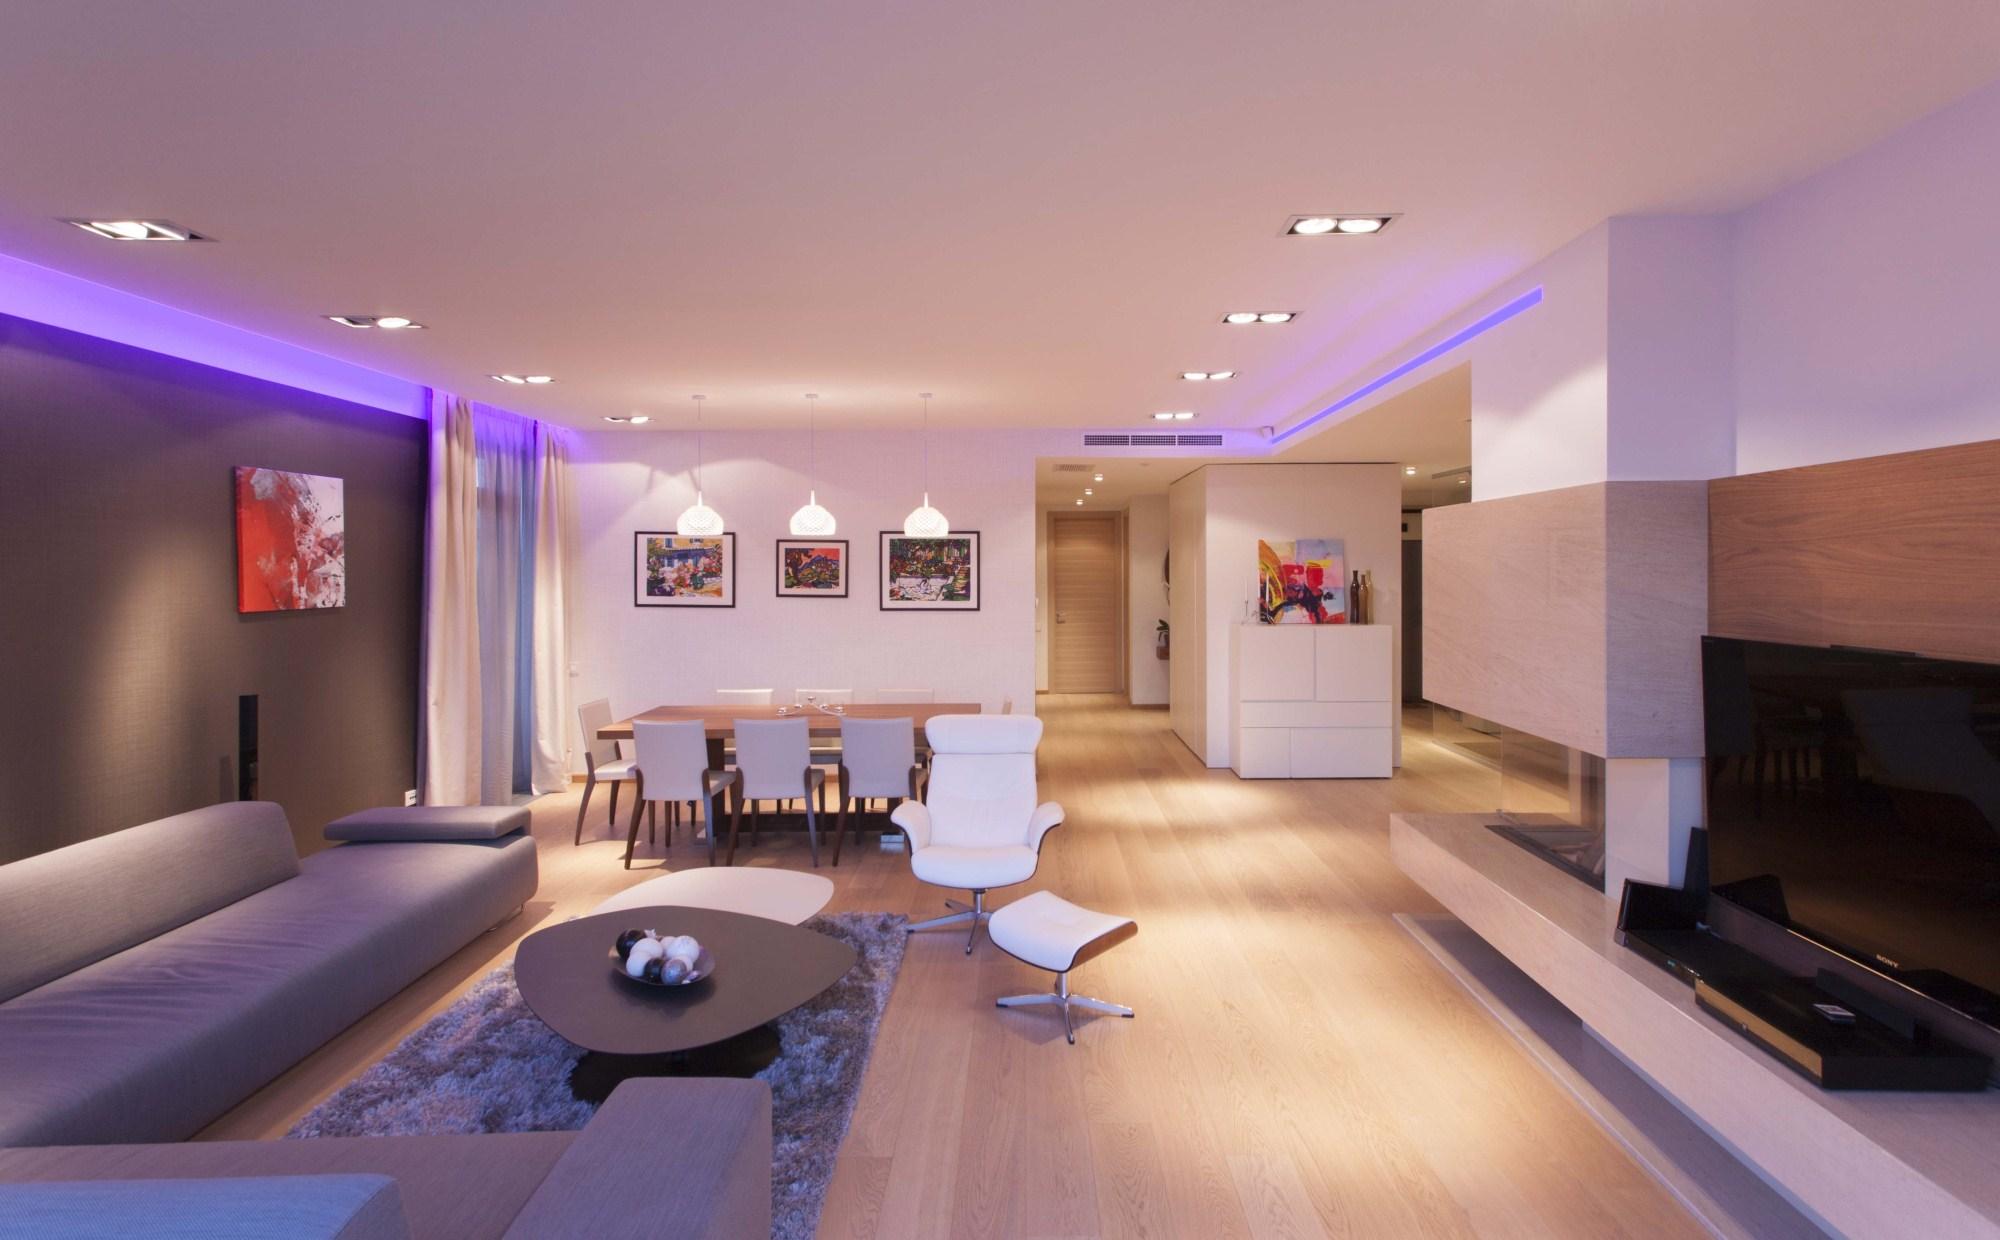 https://nbc-arhitect.ro/wp-content/uploads/2020/10/NBC-Arhitect-_-Petofi-Sandor-_-Housing-_-interior-design_29.jpg